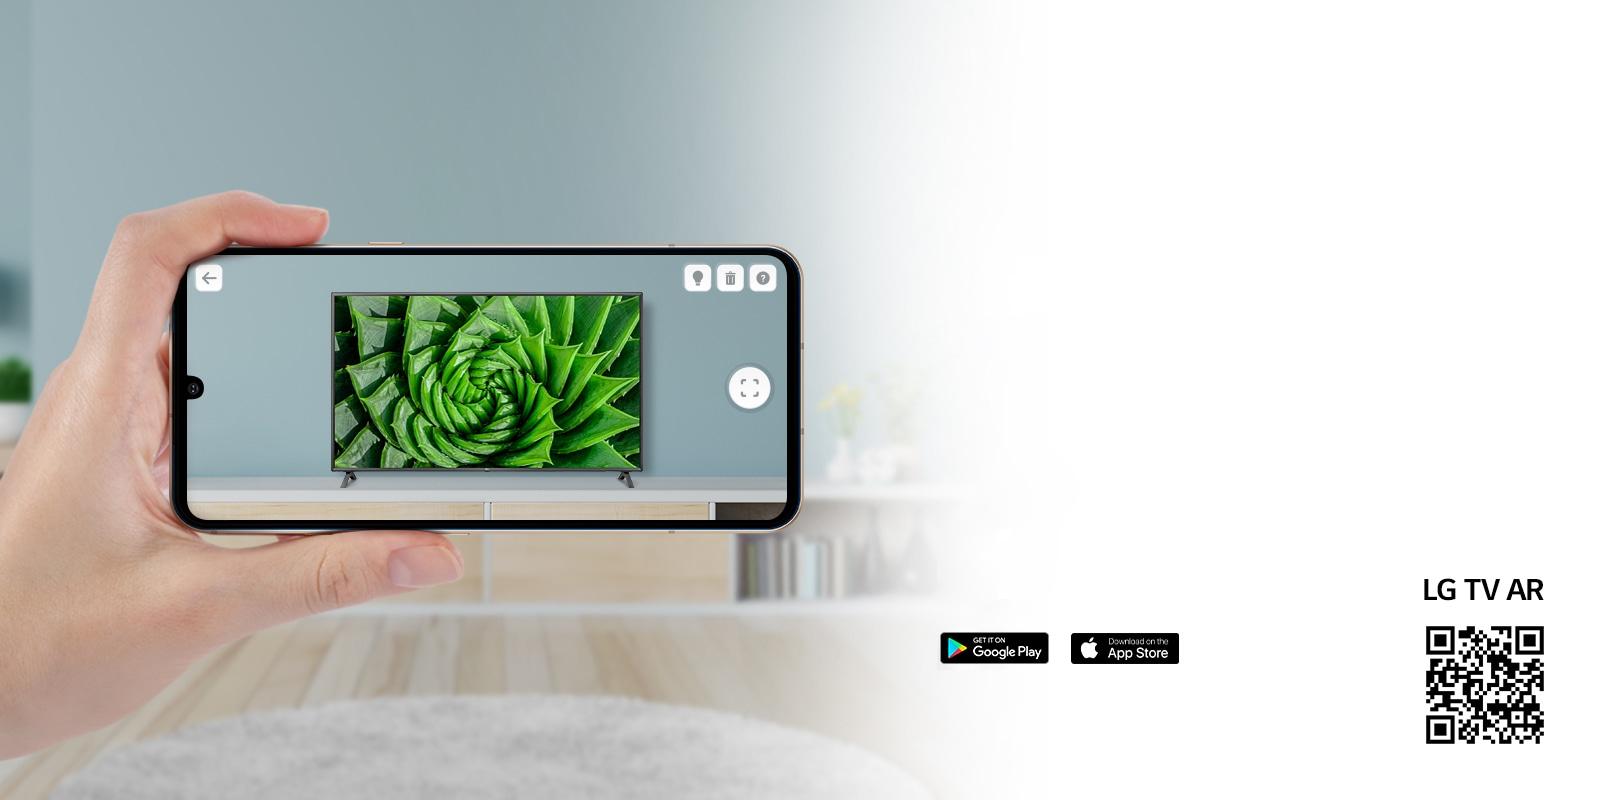 Telefonda LG TV AR uygulamasını veya LG TV AR uygulamasına bağlanan QR kodunu kullanan kişi (http://www.lgtvism.com/lgtvar)